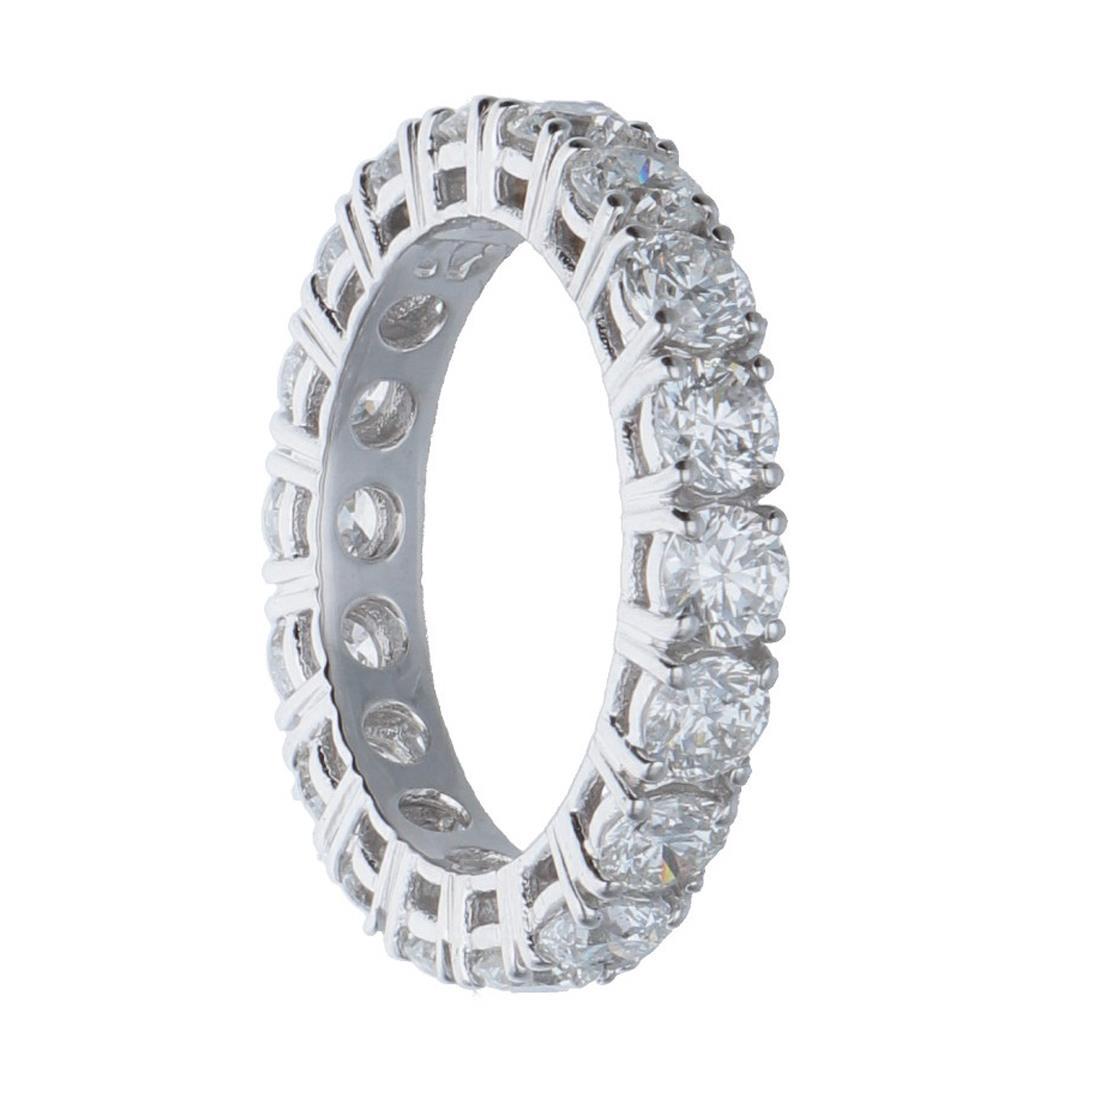 Anello eternity in oro bianco con diamanti mis 13 - ALFIERI & ST. JOHN